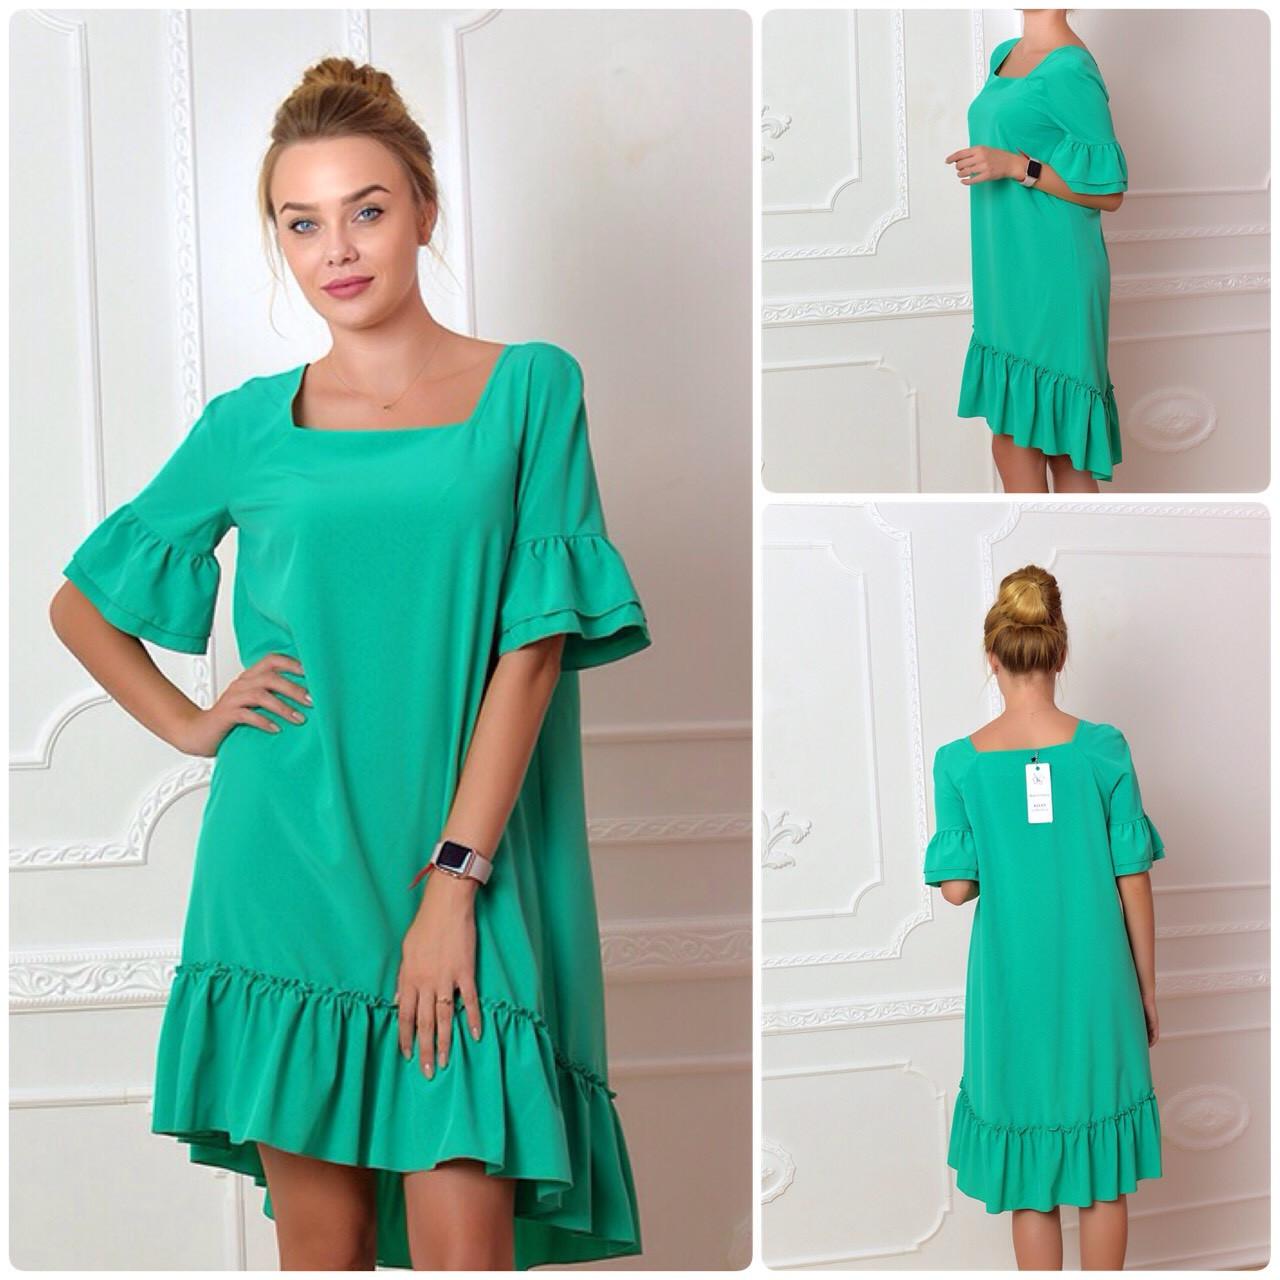 Платье, модель 789, зеленая бирюза (изумрудное)